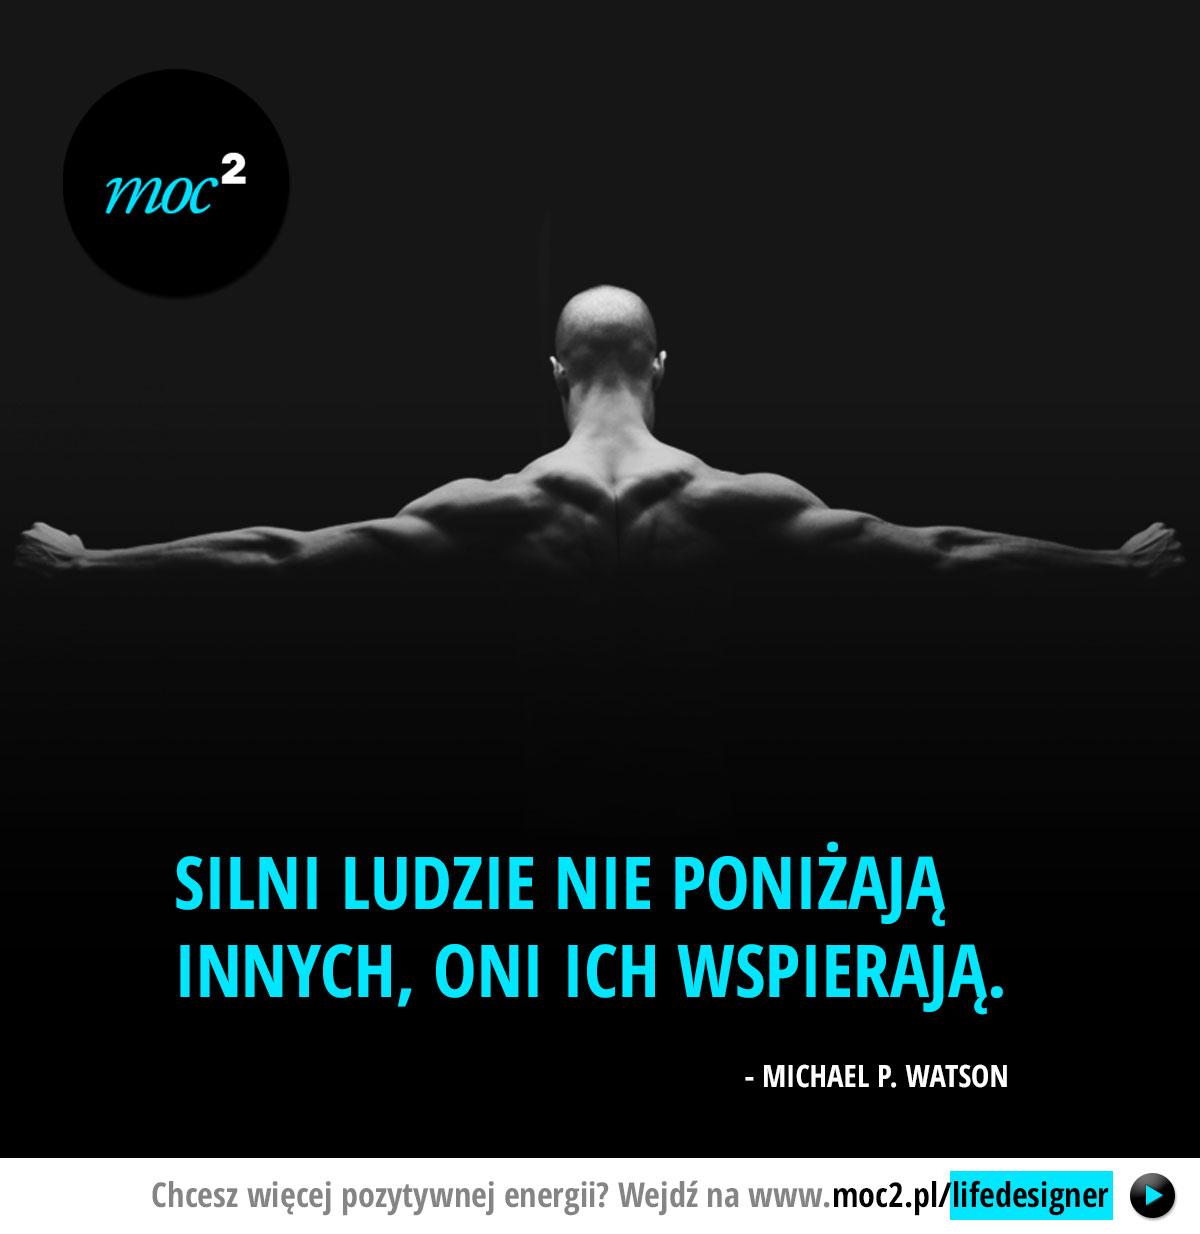 Silni ludzie nie poniżają innych, oni ich wspierają – Michael P.Watson